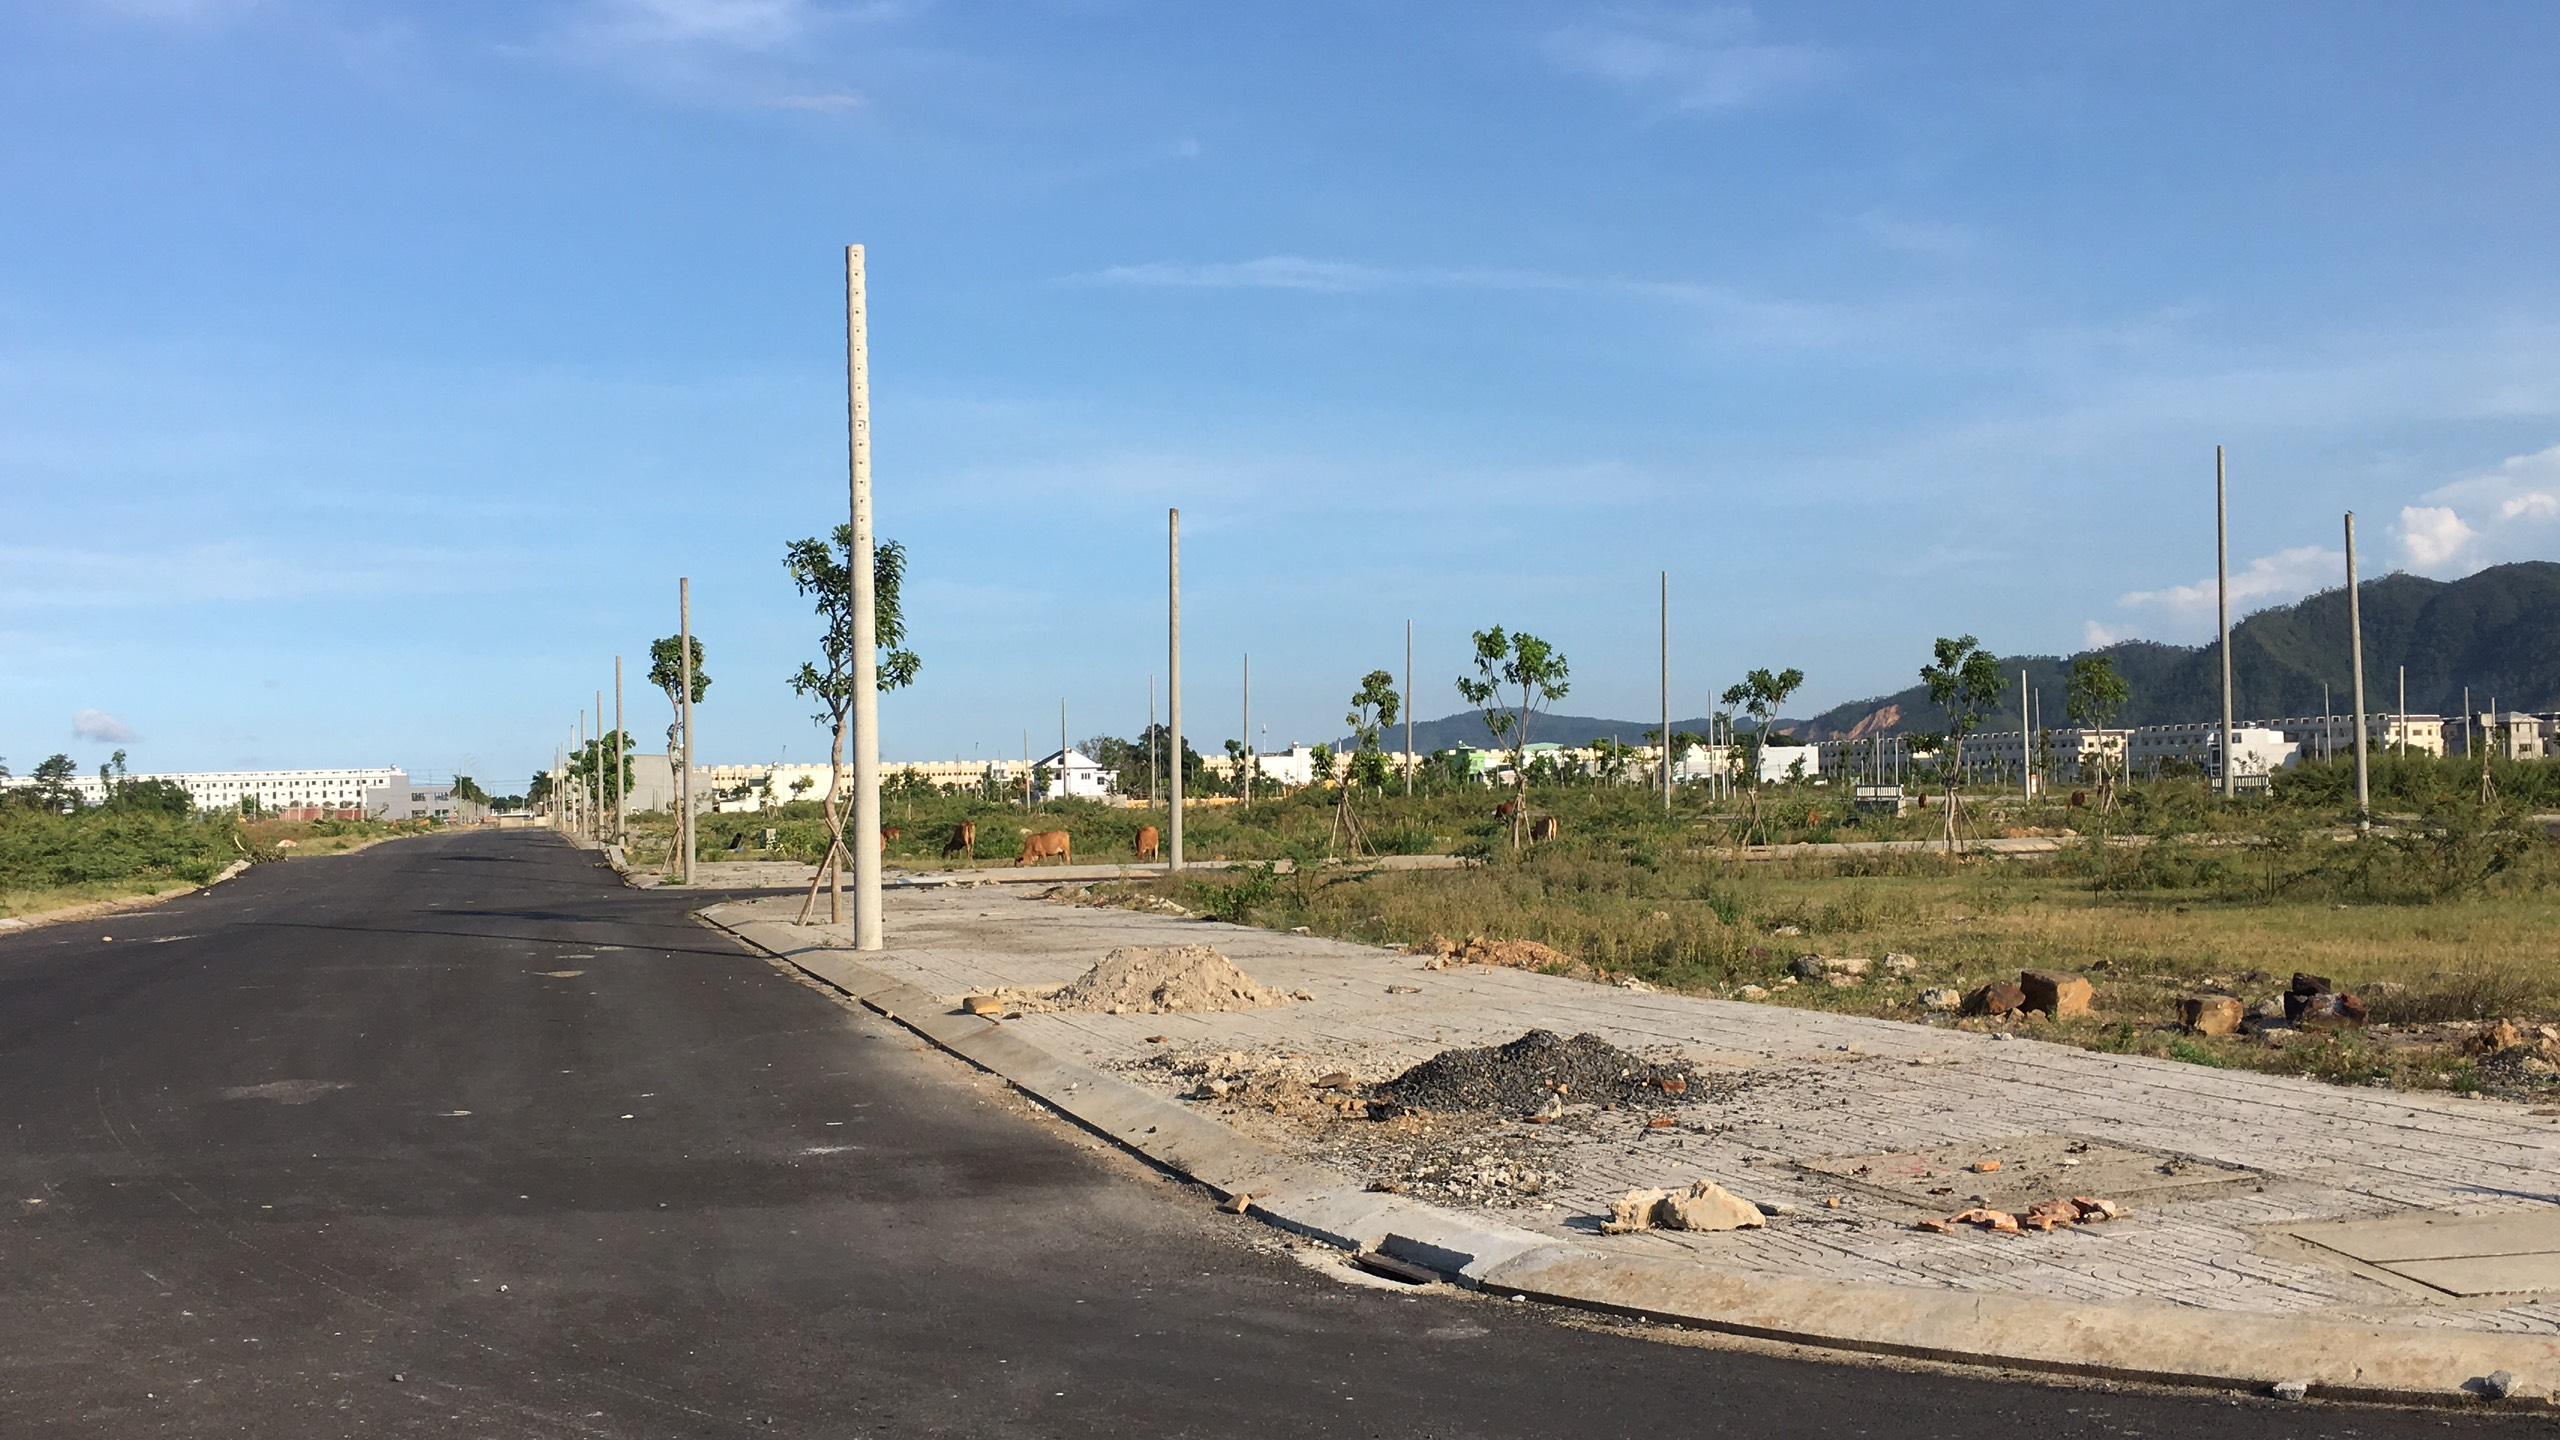 Trở lại nơi sốt đất ở Đà Nẵng, ki ốt bị dẹp hàng loạt, các dự án không bóng người - Ảnh 19.